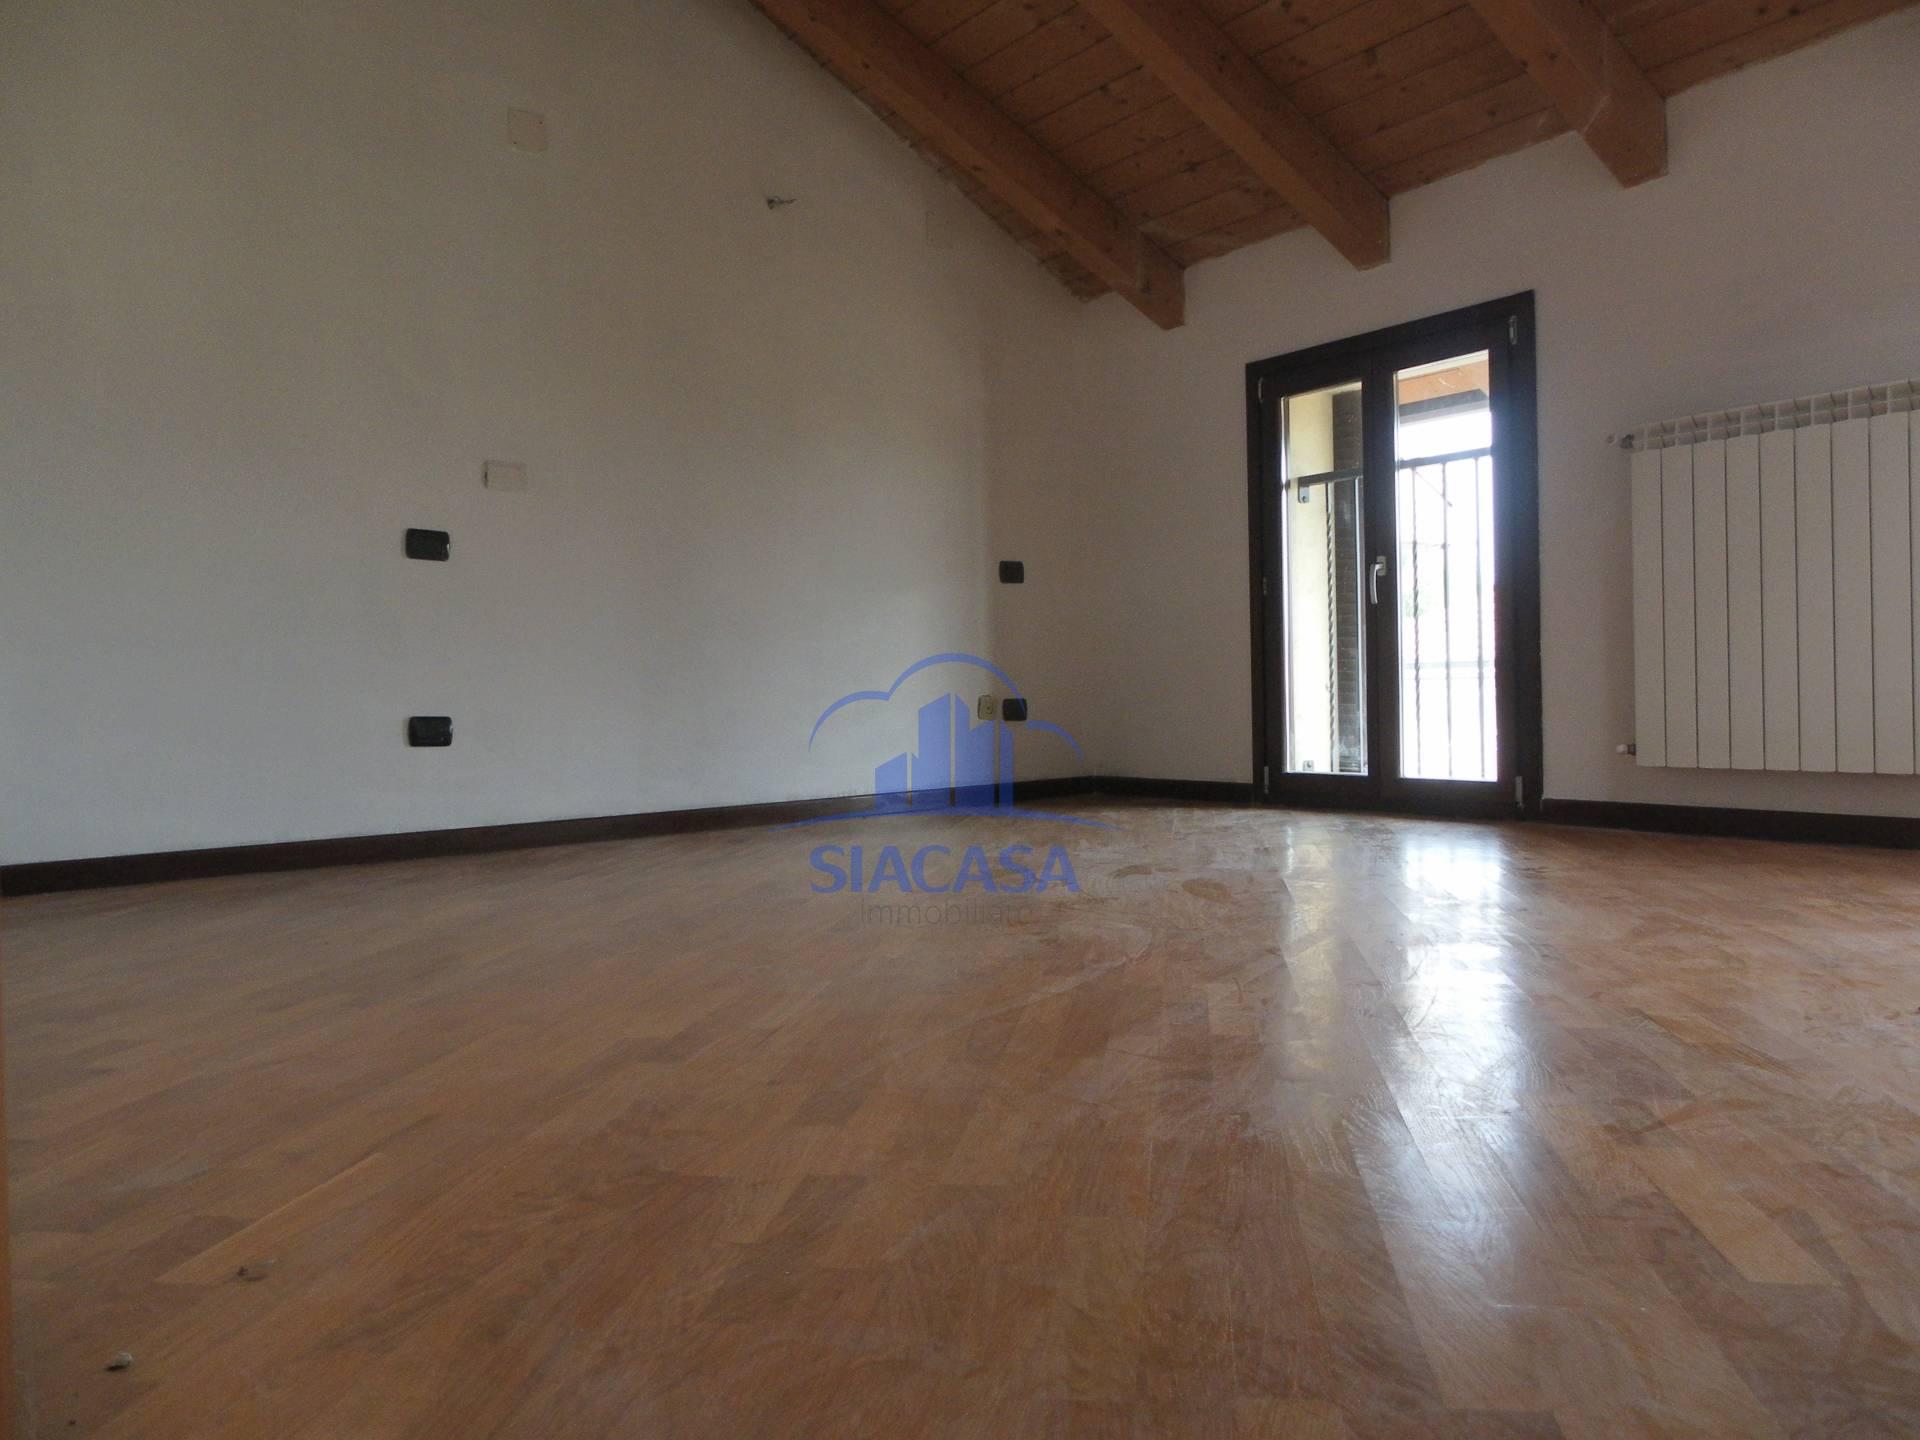 Bilocale Cornate d Adda Via Giuseppe Mazzini 1